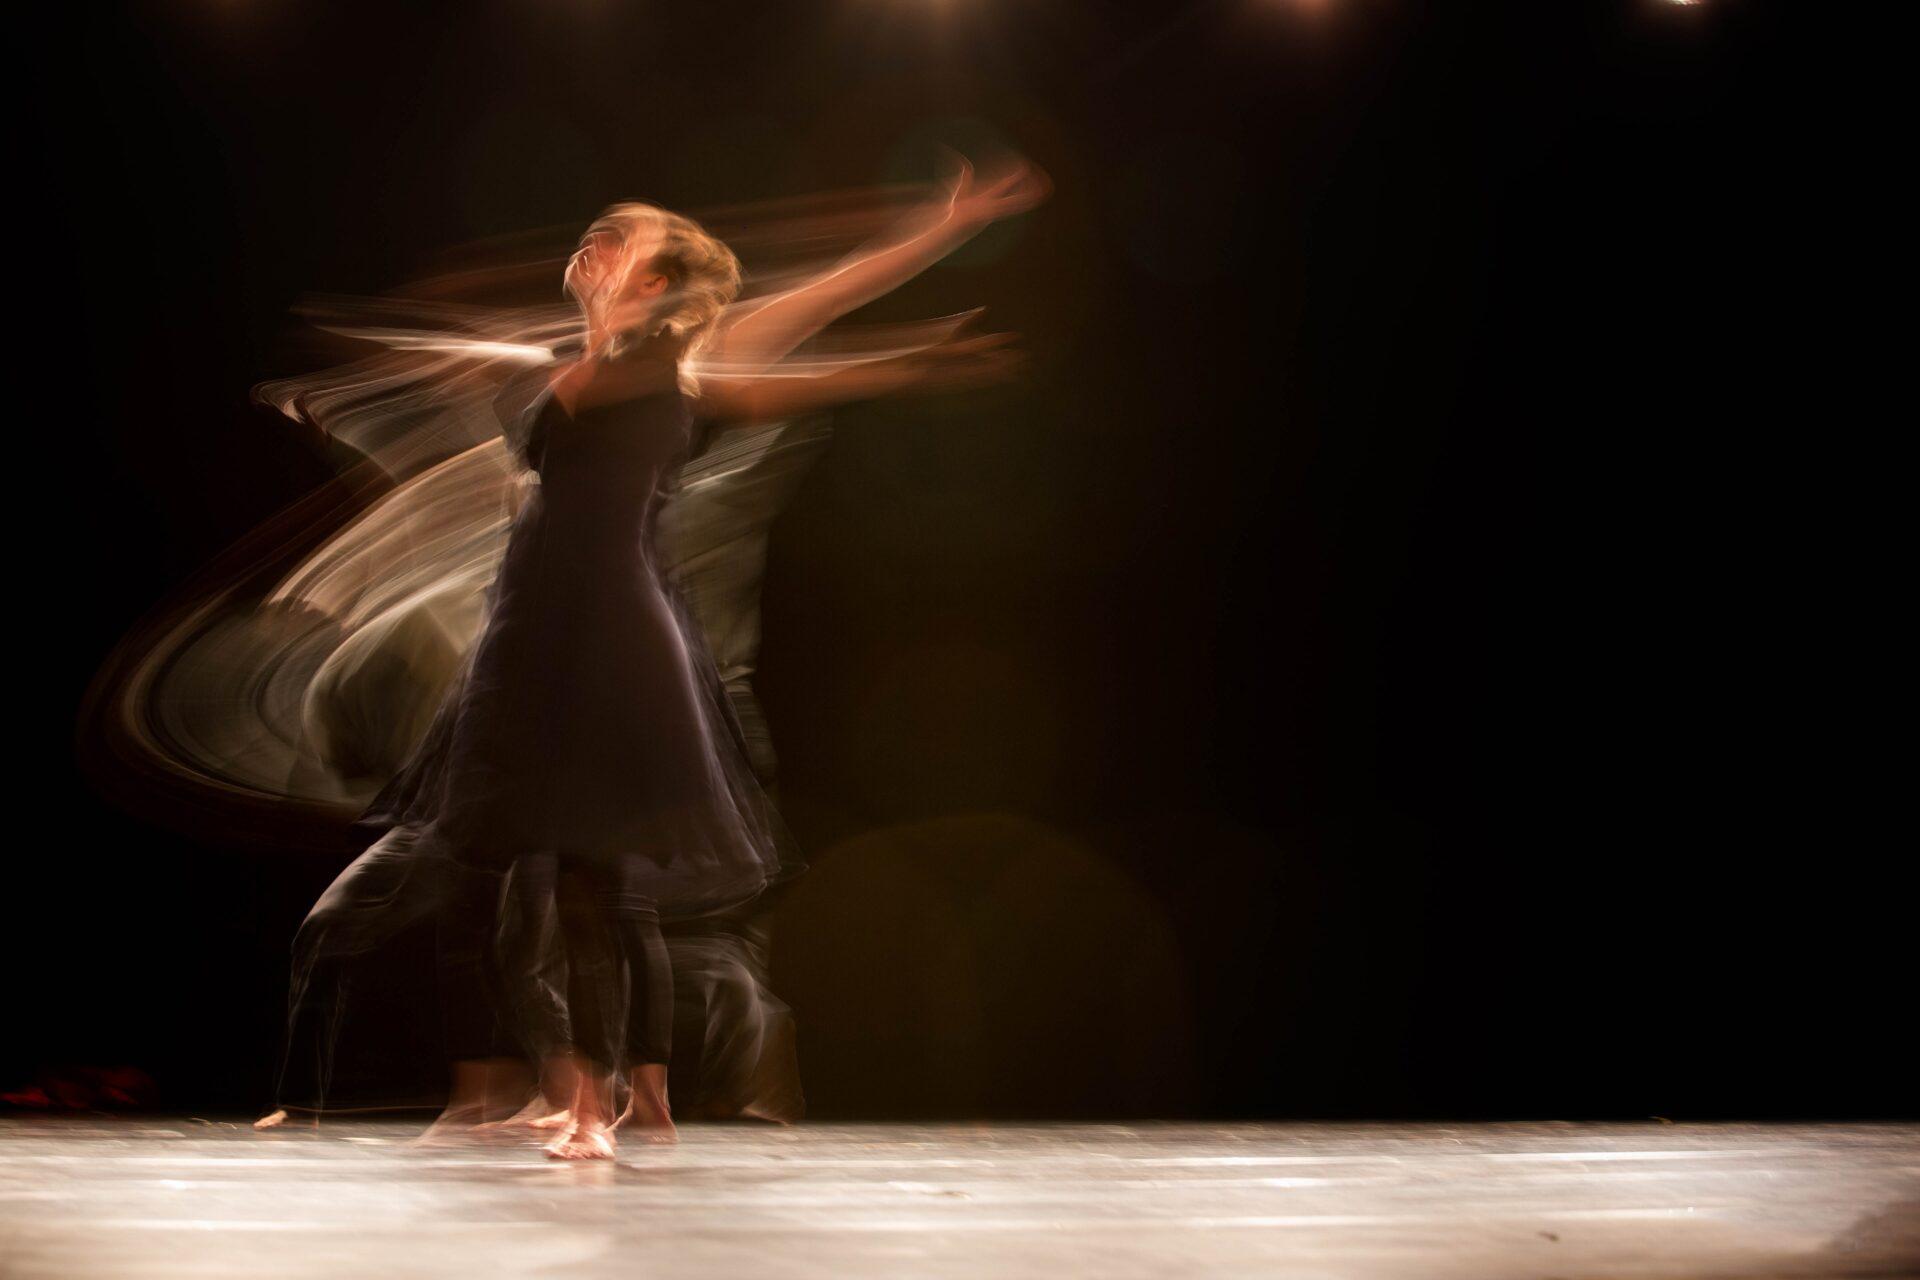 Quatro apps para aprender a dançar   #FiqueEmCasa